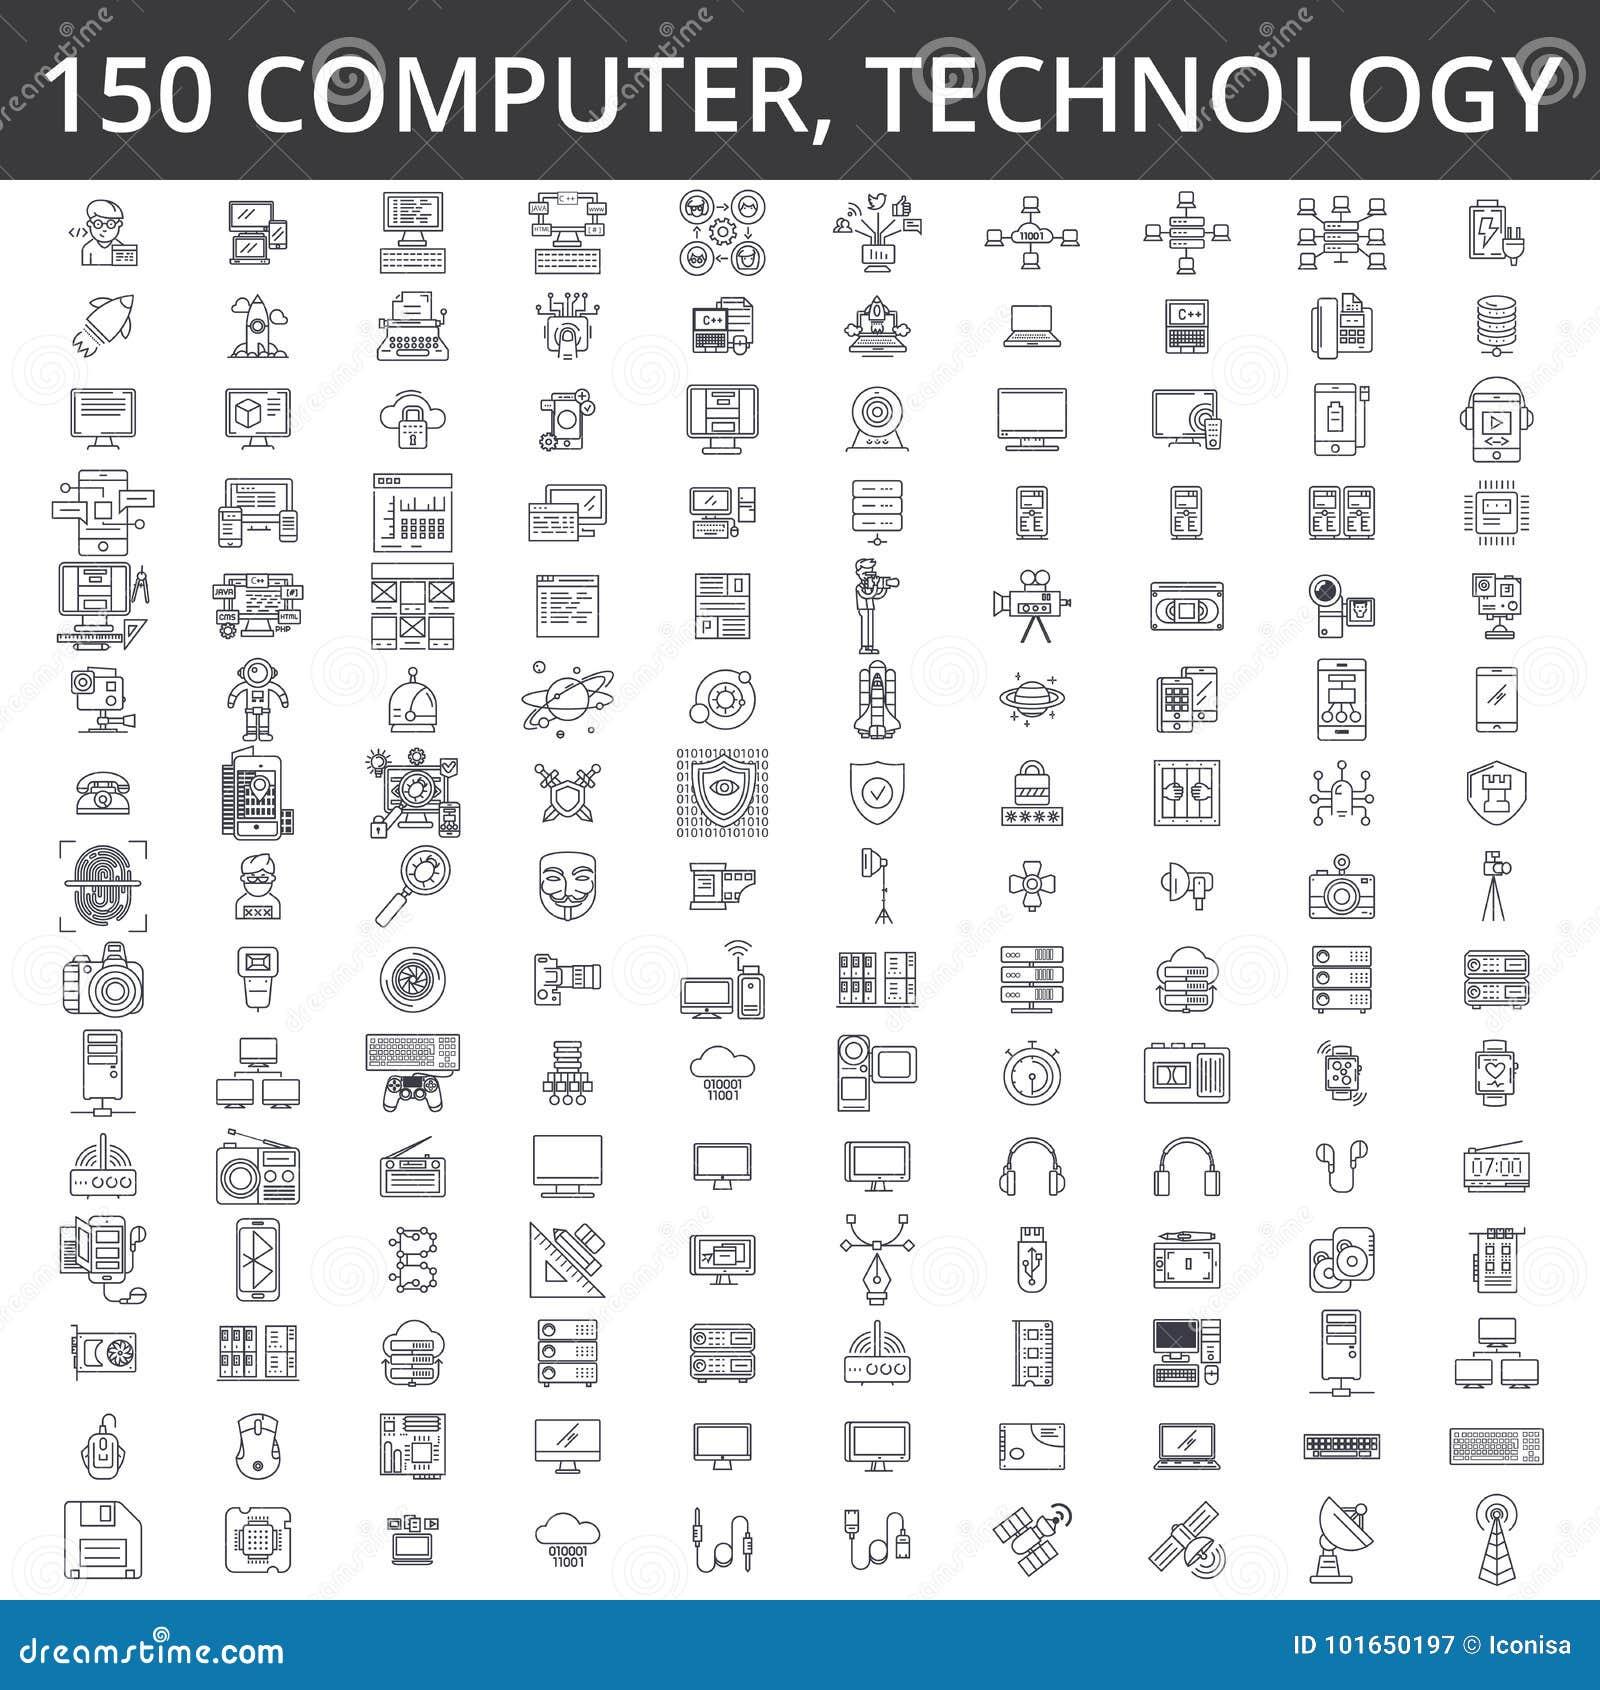 Παιχνίδια στον υπολογιστή, τεχνολογία πληροφοριών, δίκτυο σύννεφων, φιλοξενία, μεγάλα στοιχεία, ασφάλεια, smartphone, κινητός, γρ